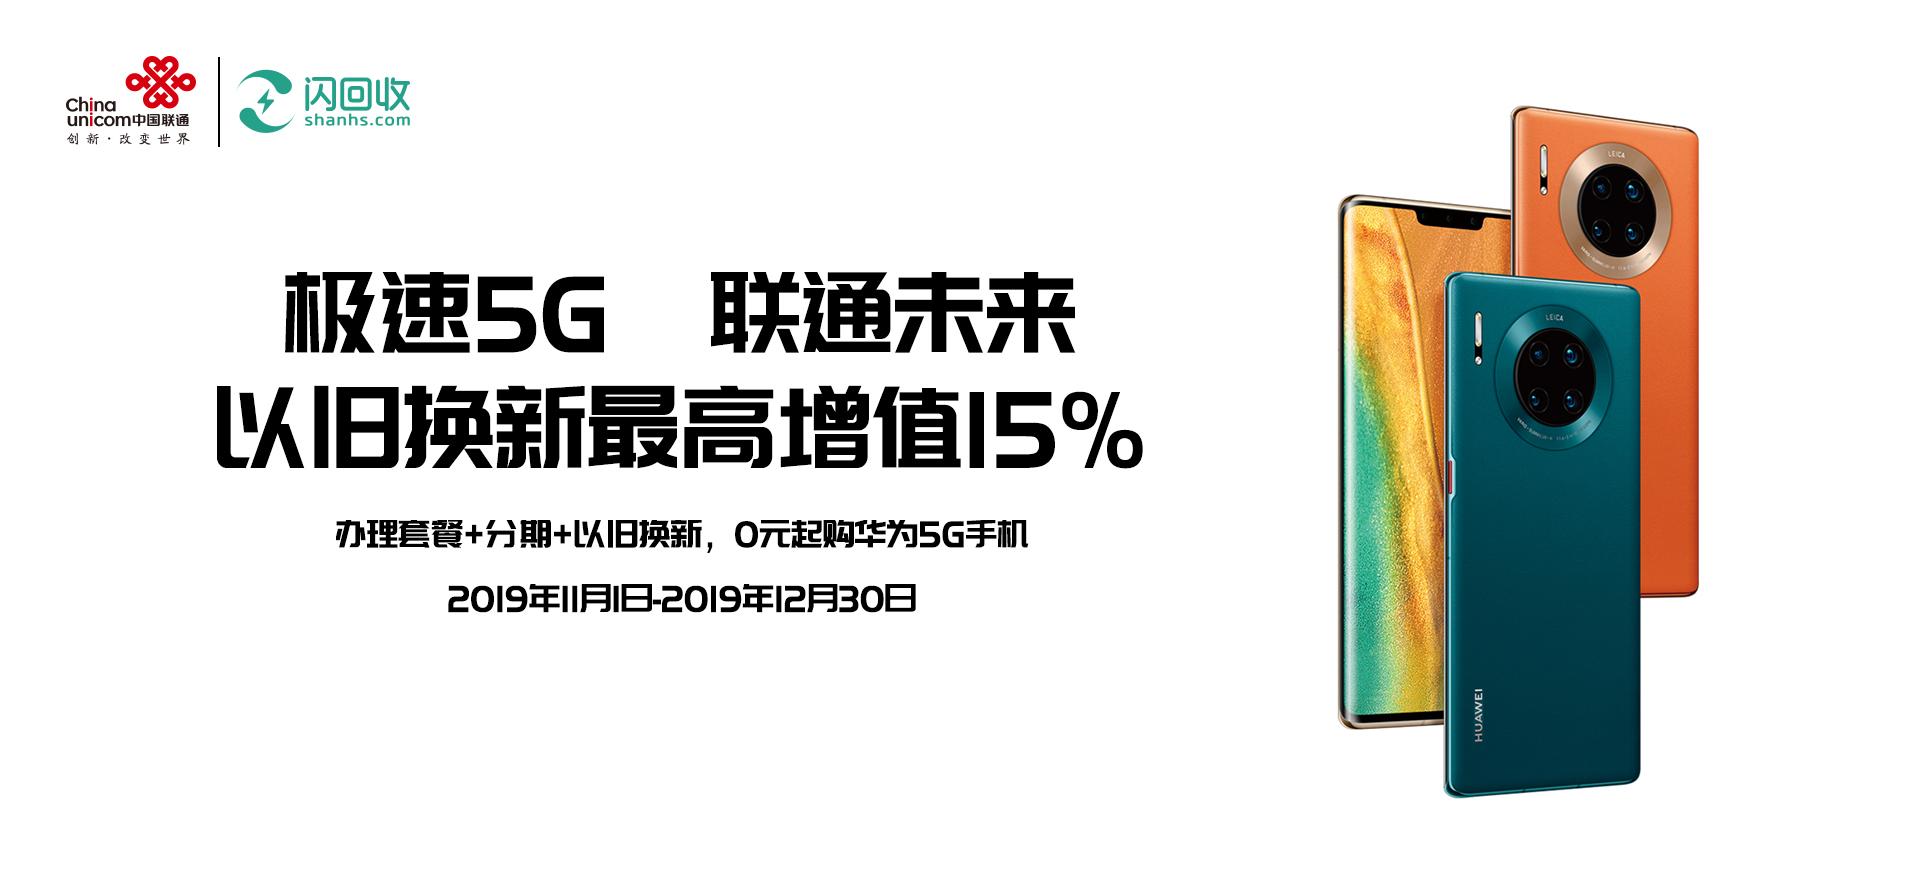 联通活动-PC官网推广